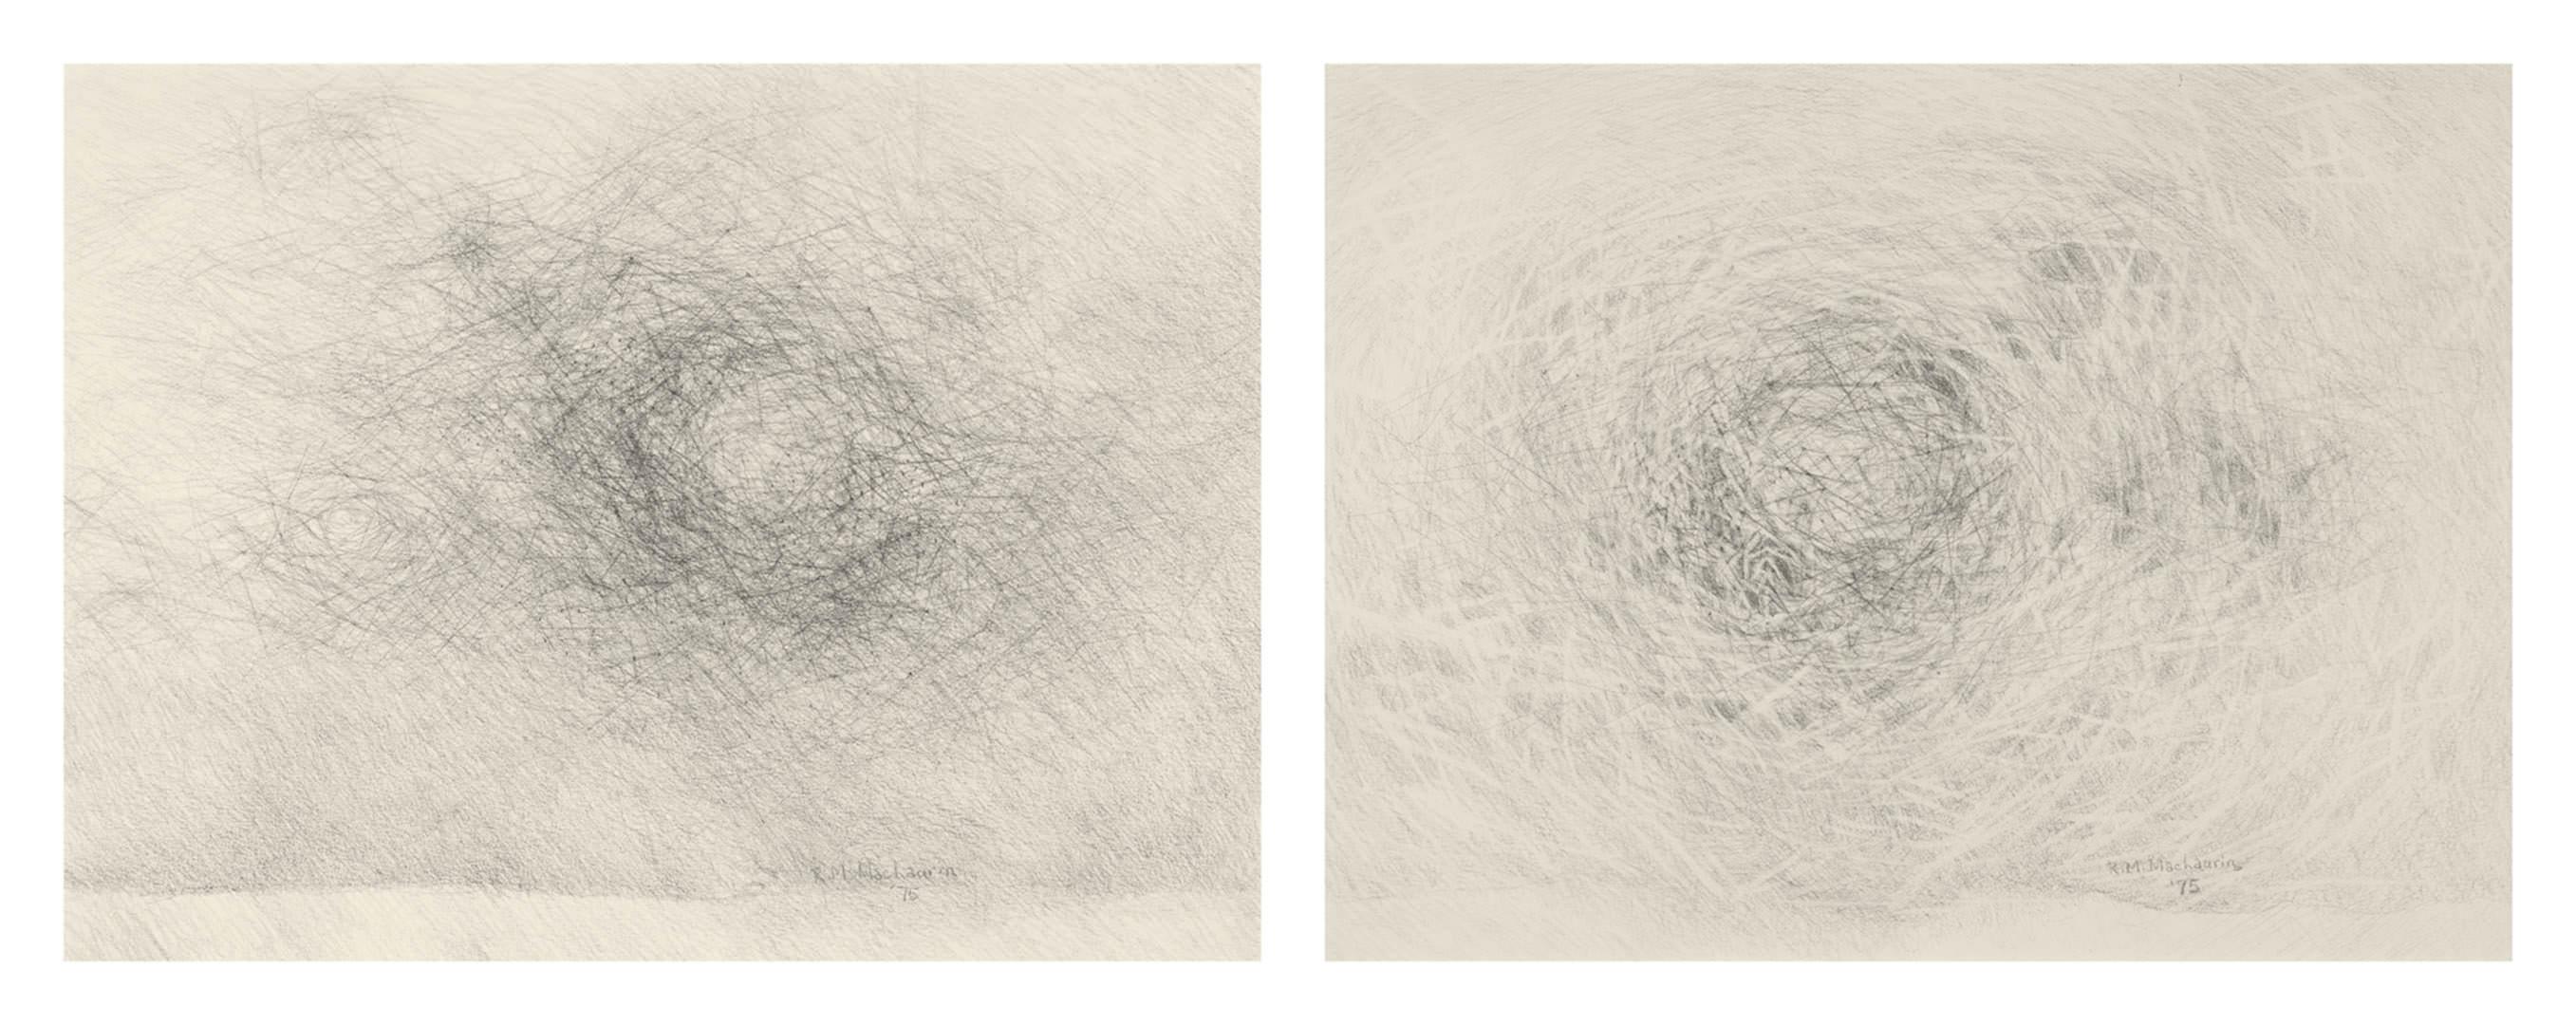 Prairie Windscape (1975) & Sky Space (1975) Ruth MacLaurin (1942 - ) Graphite sur papier Collection : Banque d'art du Conseil des arts du Canada